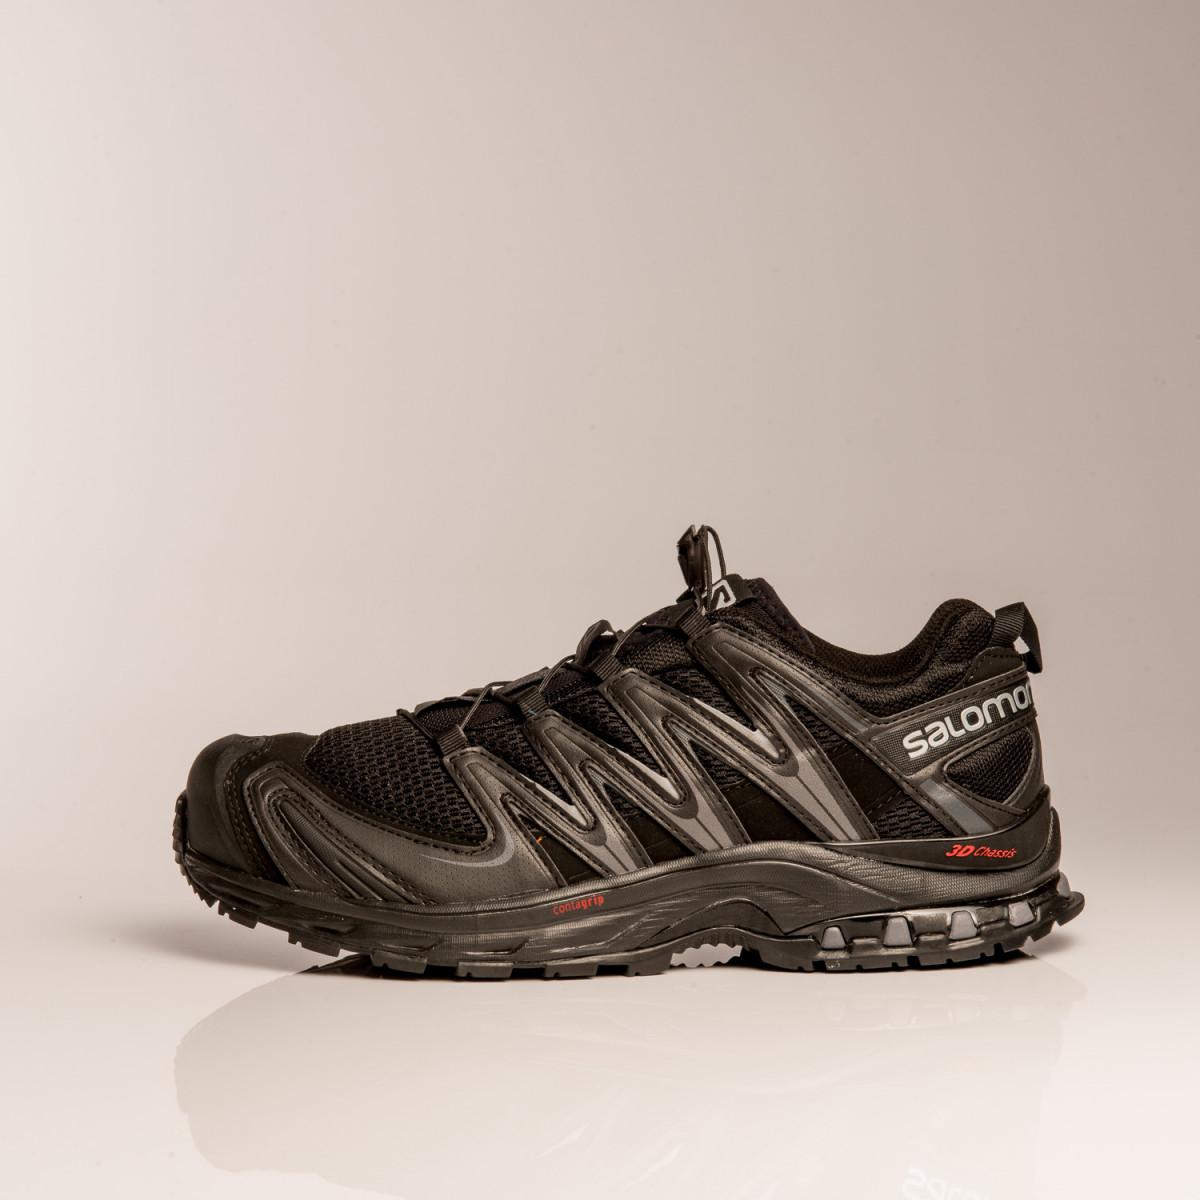 Zapatillas Salomon Xa Pro 3D